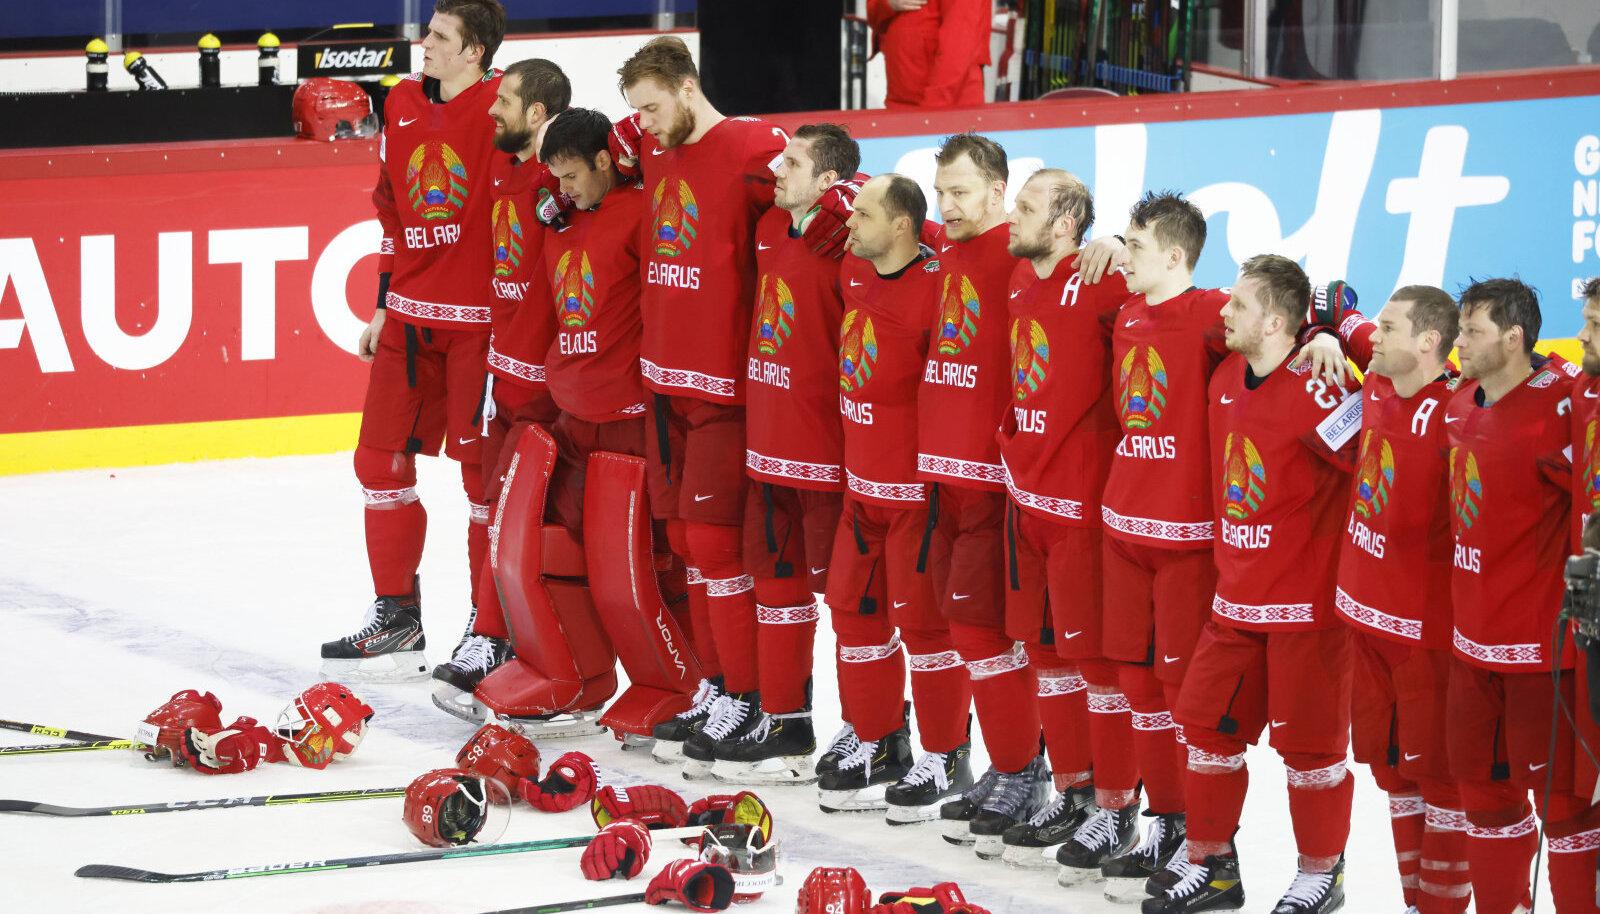 Valgevene jäähokimängijad